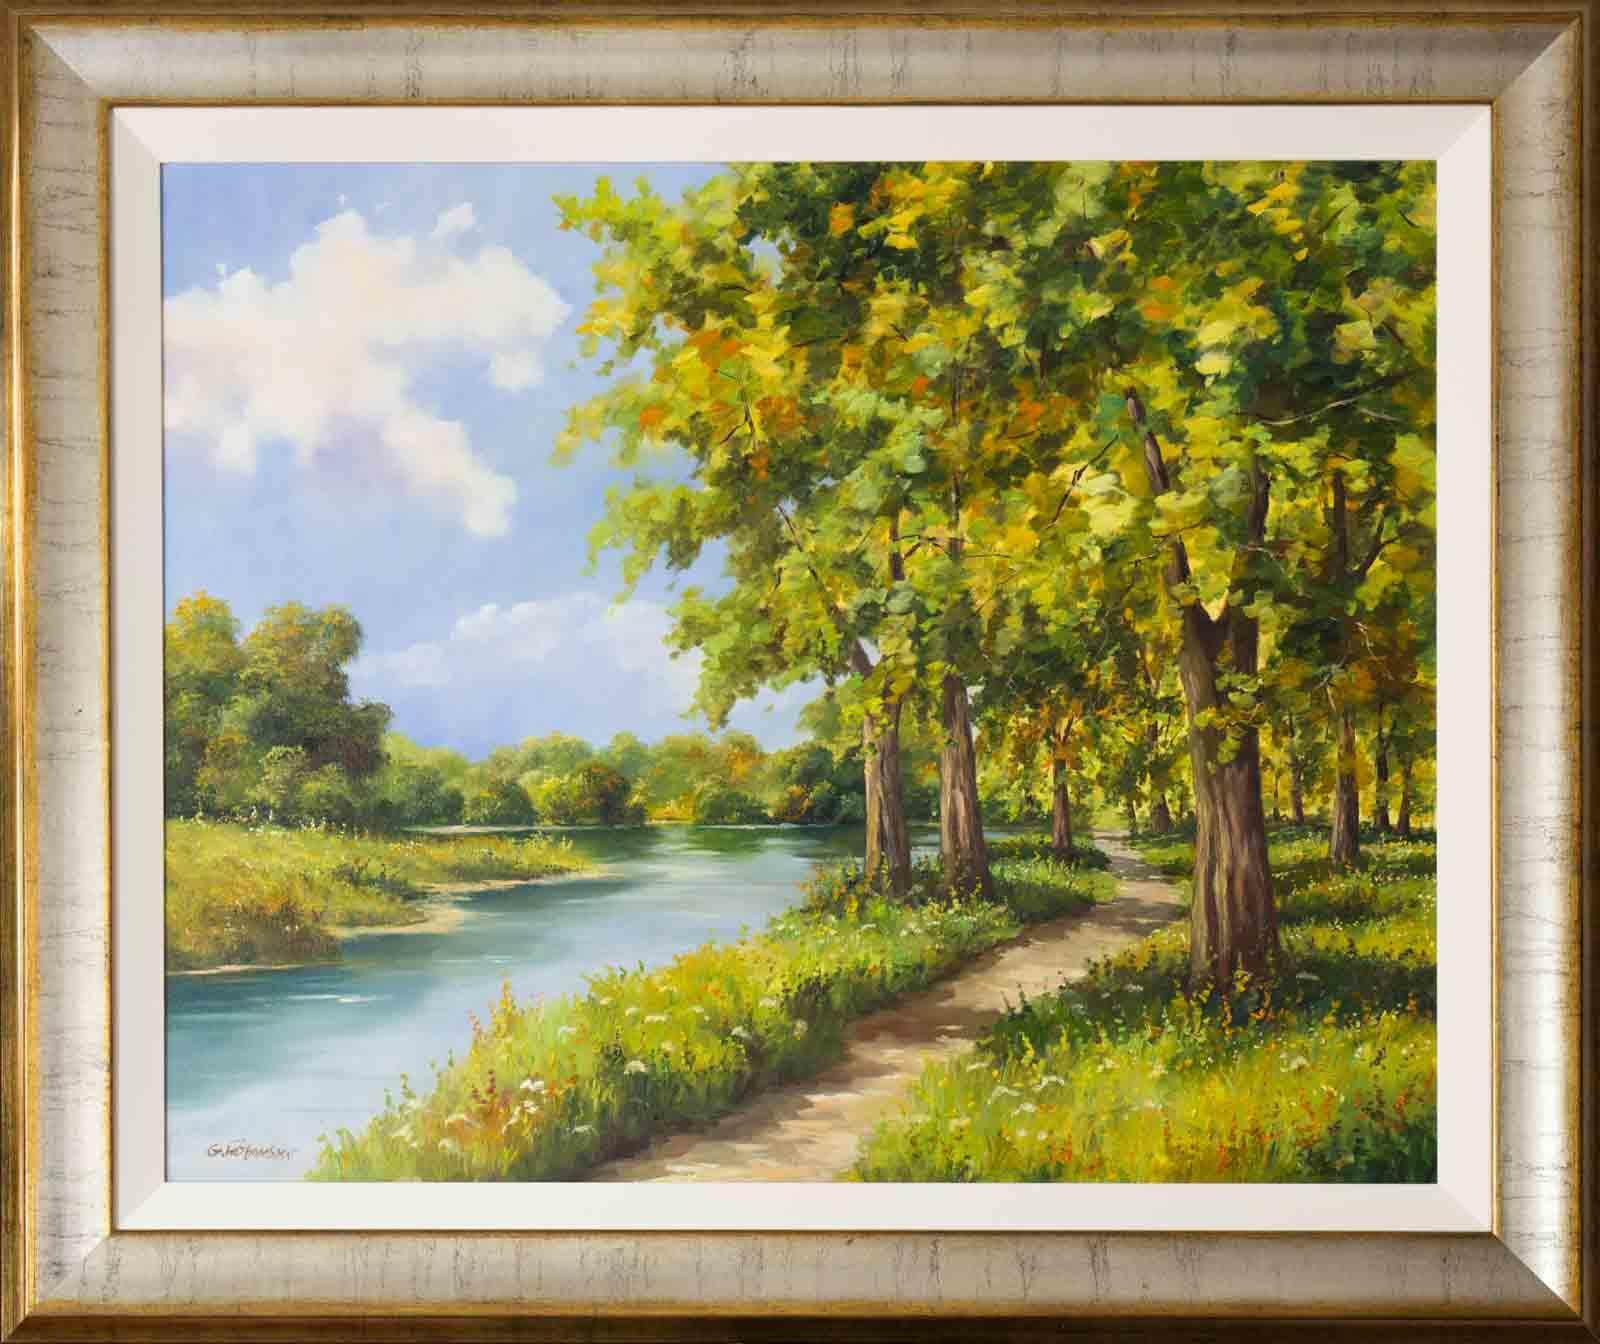 Riverside Walk, Gunther Fruhmesser